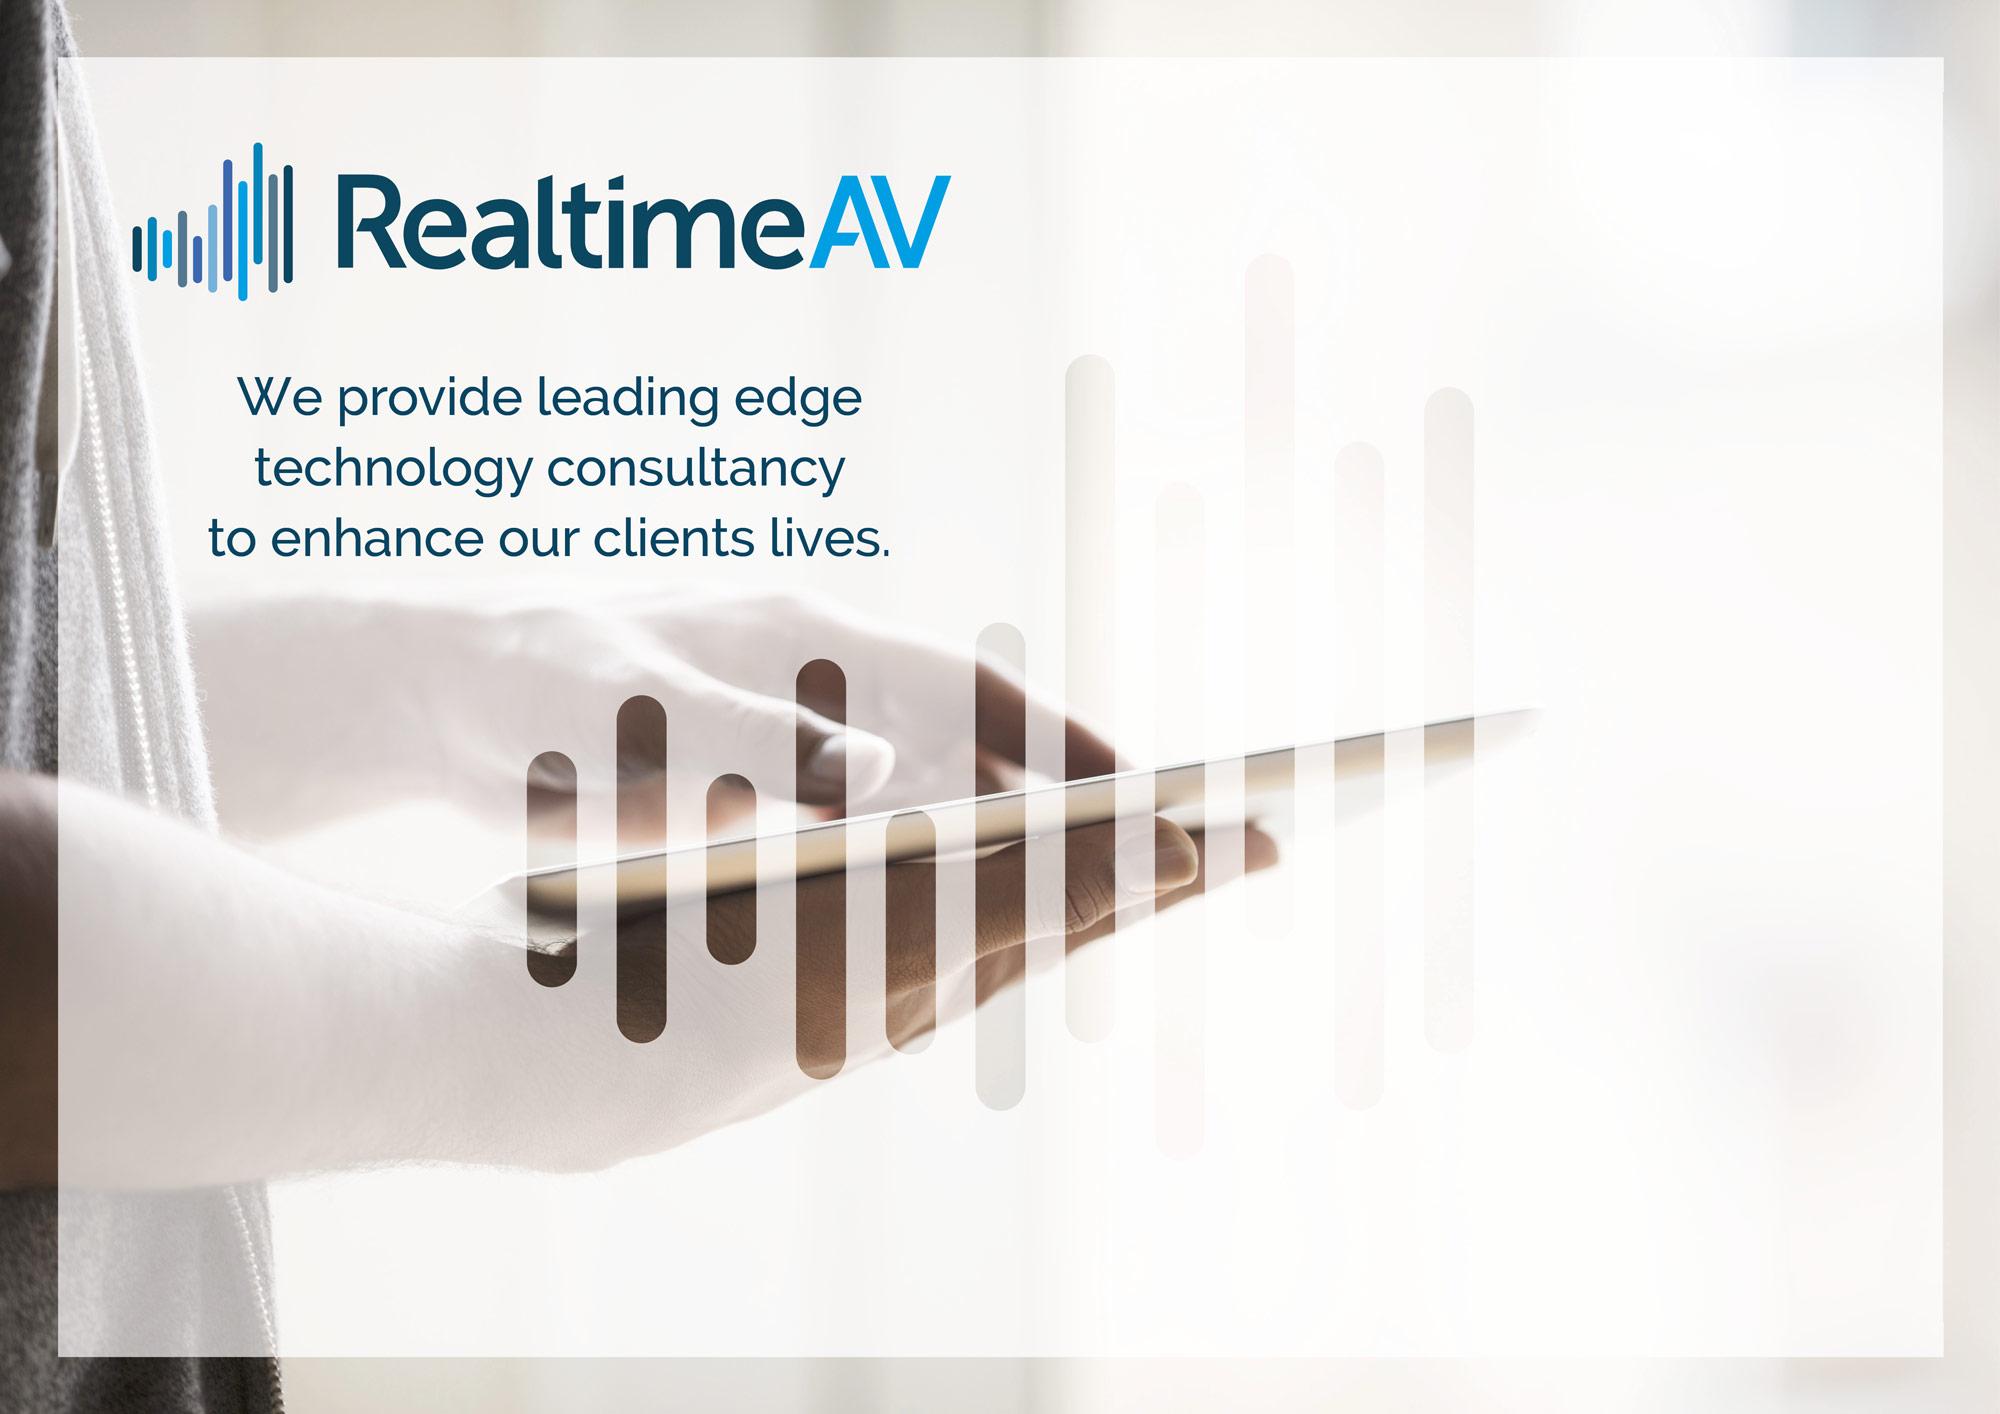 Realtime AV branding